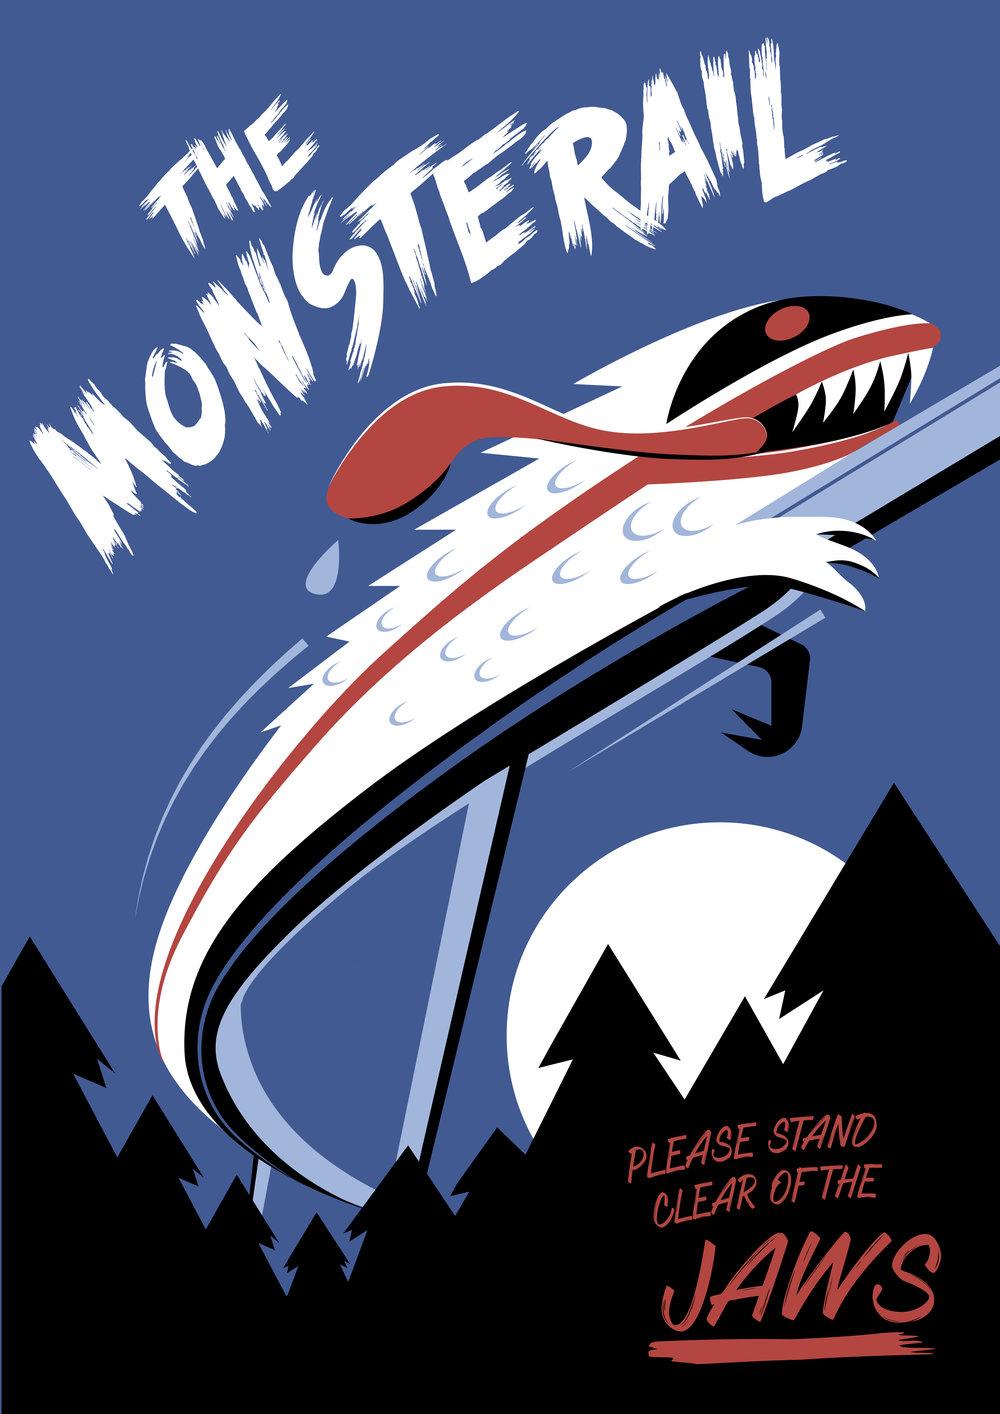 Monsterrail.jpg